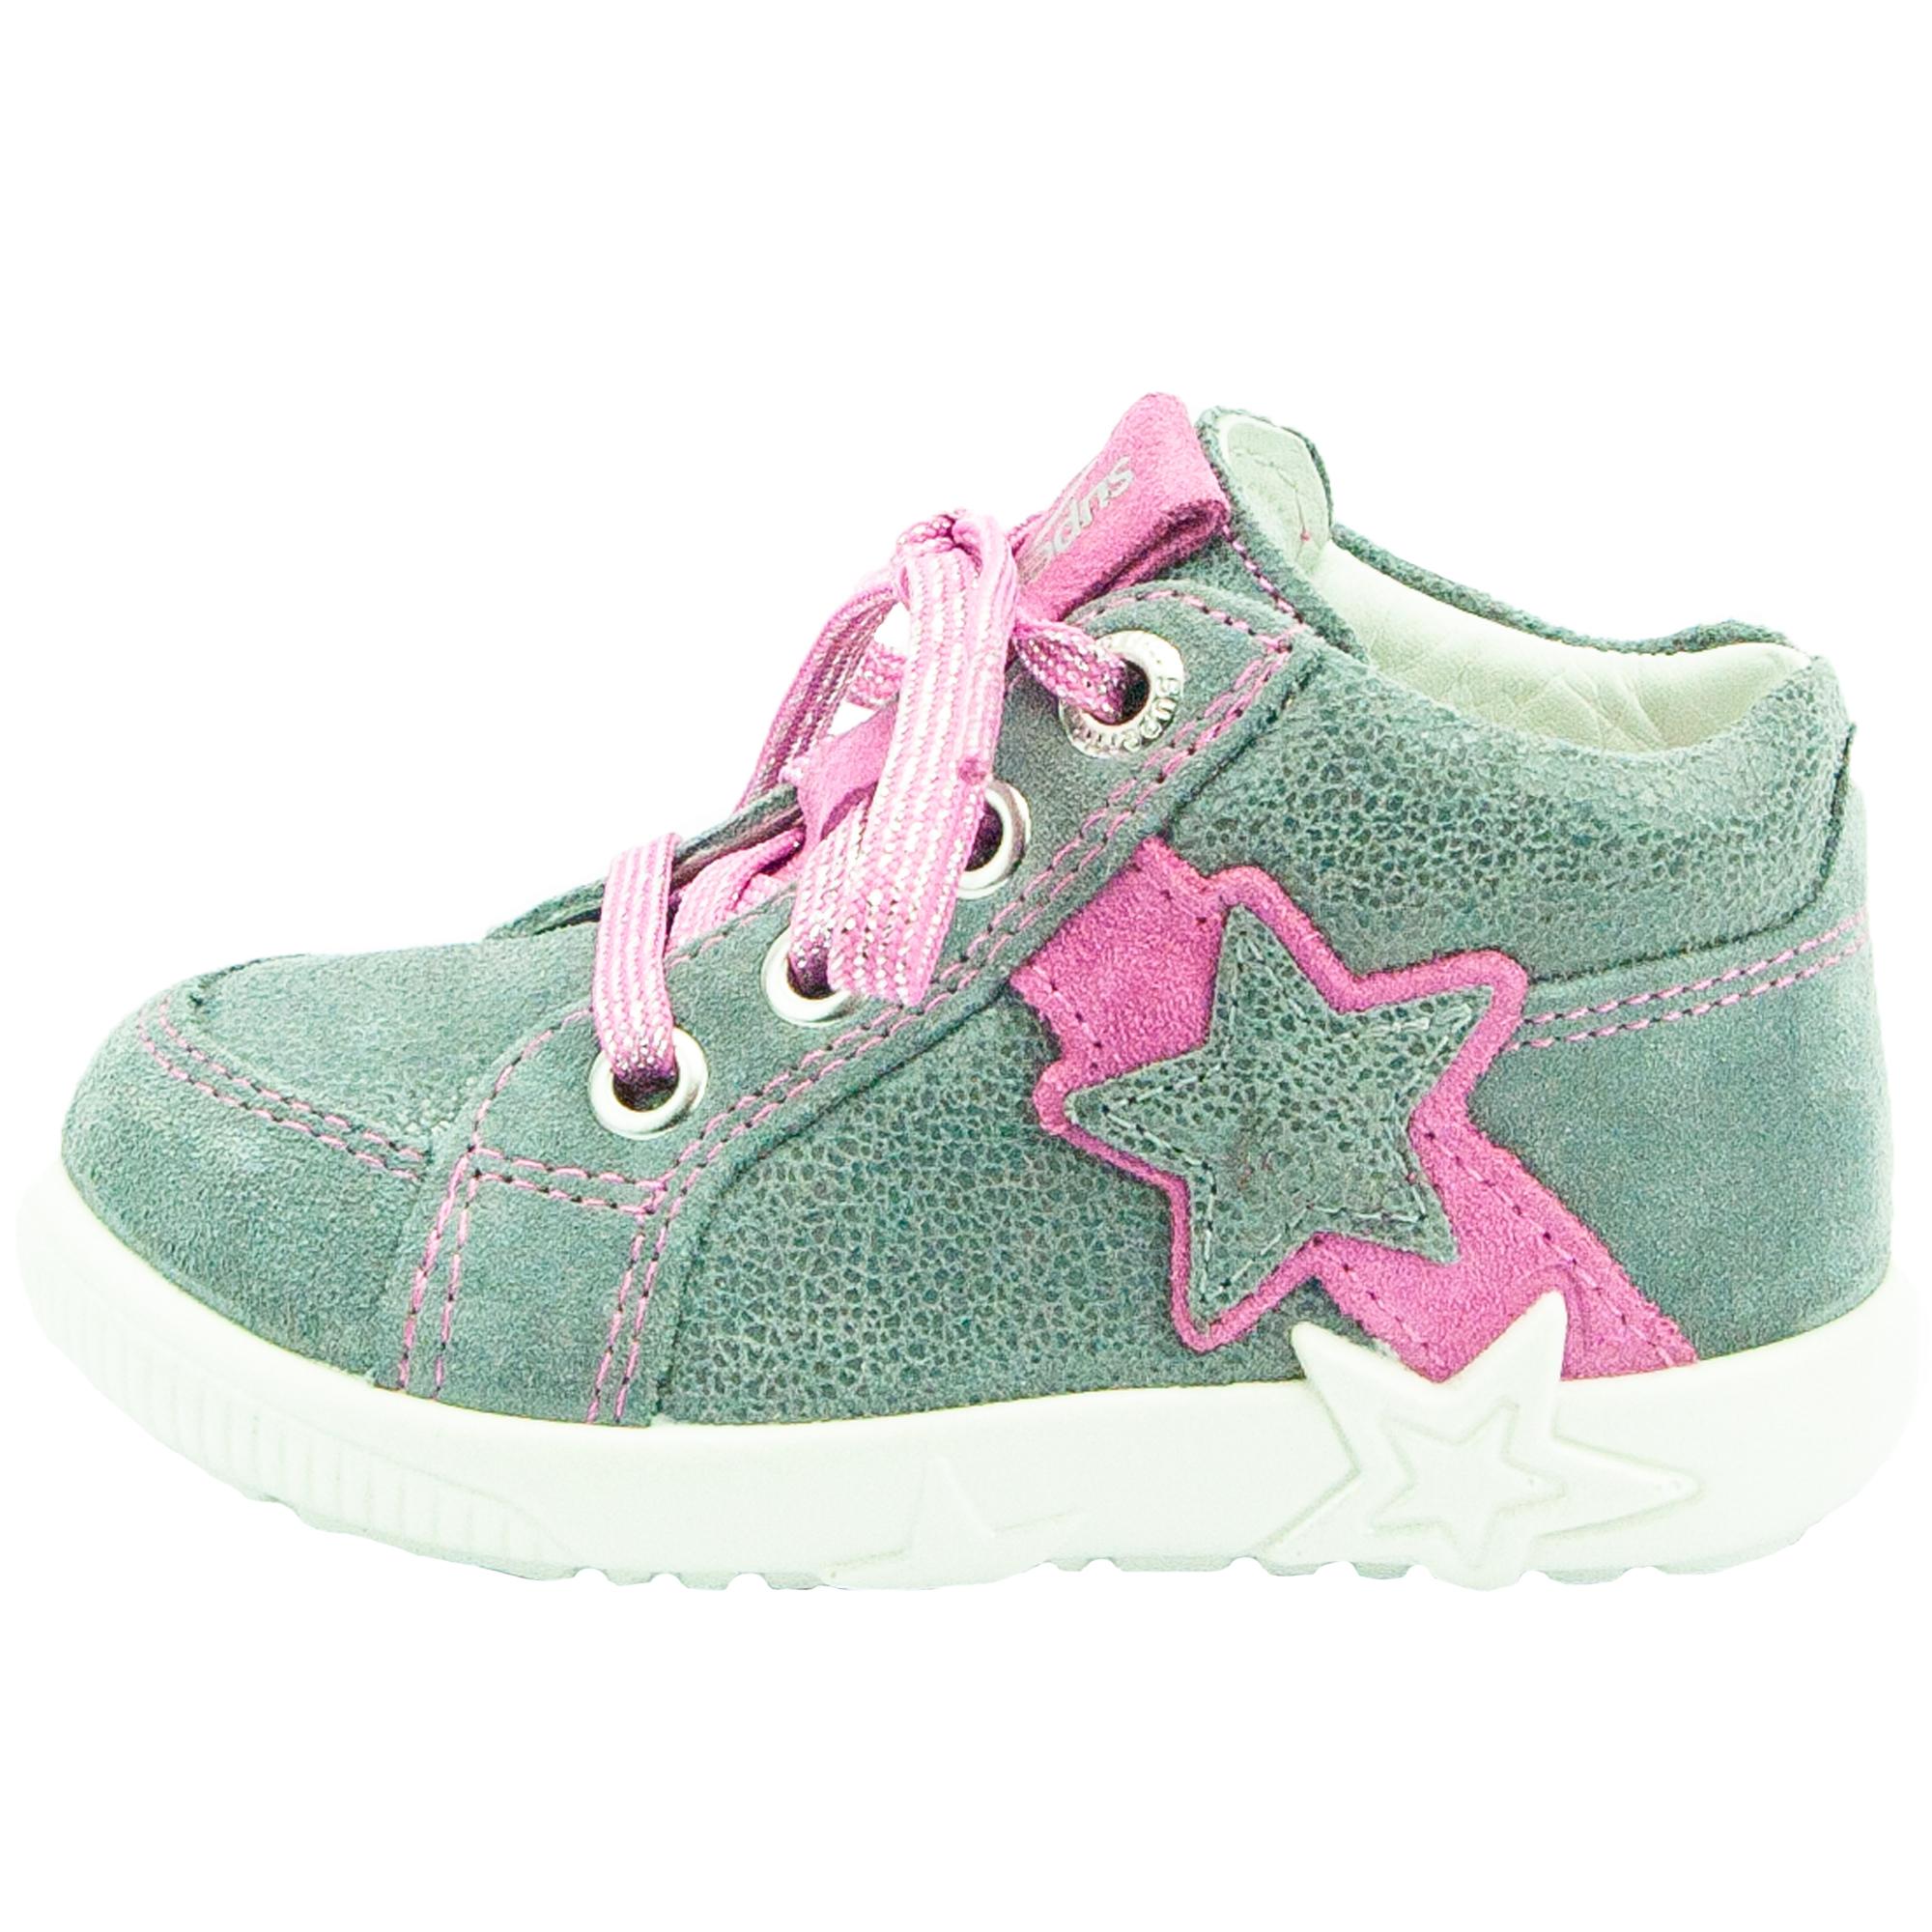 588f7335dbe Superfit celoroční dětská obuv 8-00438-44 Starlight